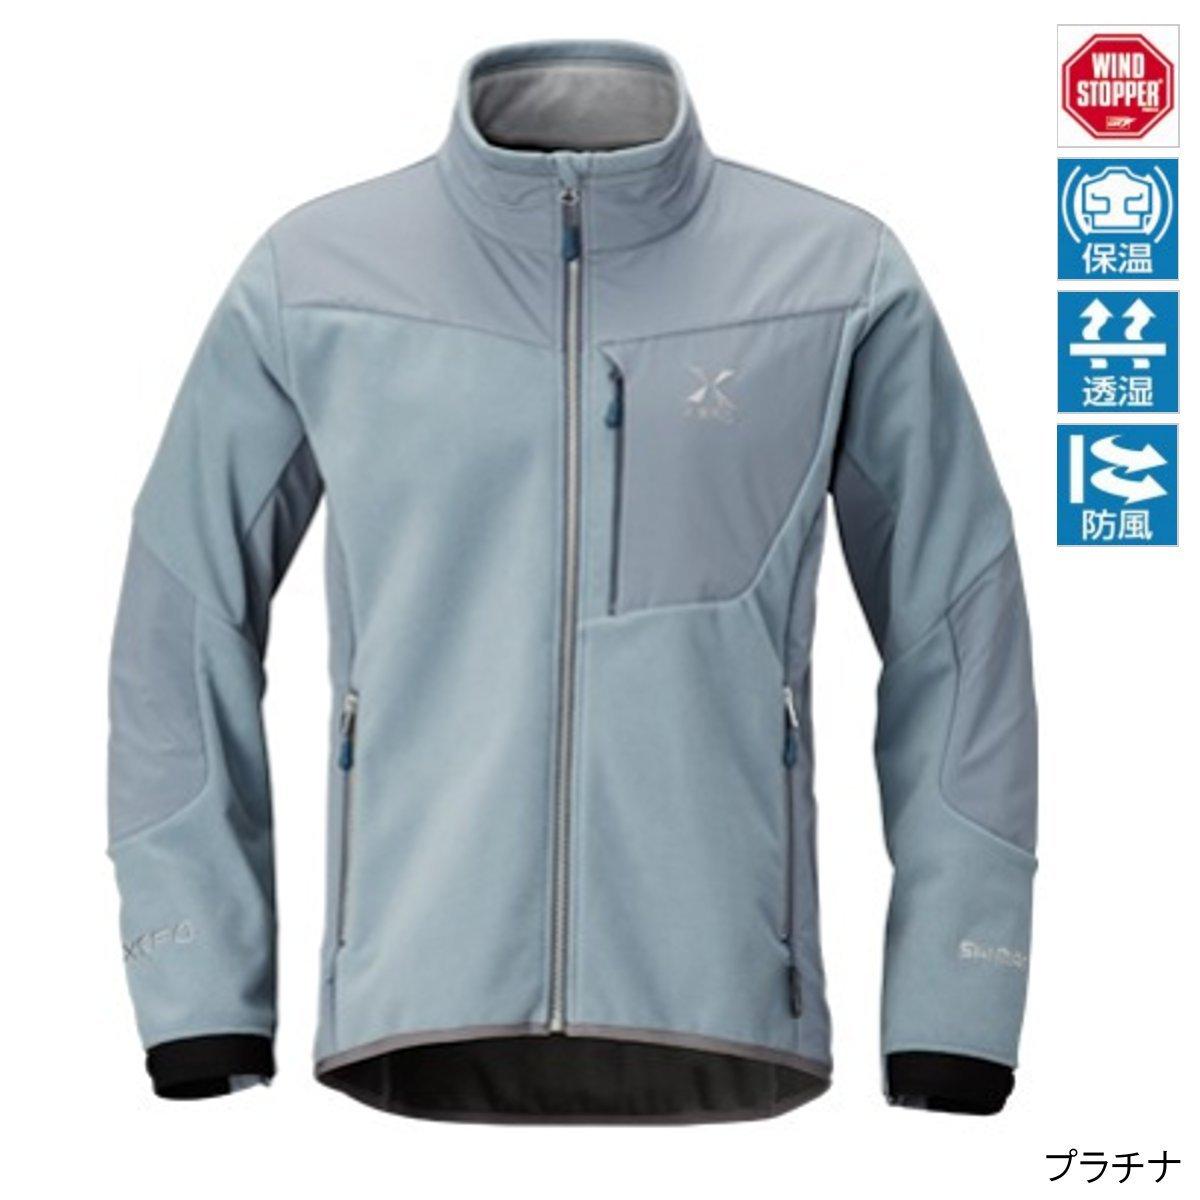 シマノ XEFOWIND STOPPER OPTIMAL Jacket JA-290Q B075L5HCY7 XXL|プラチナ プラチナ XXL